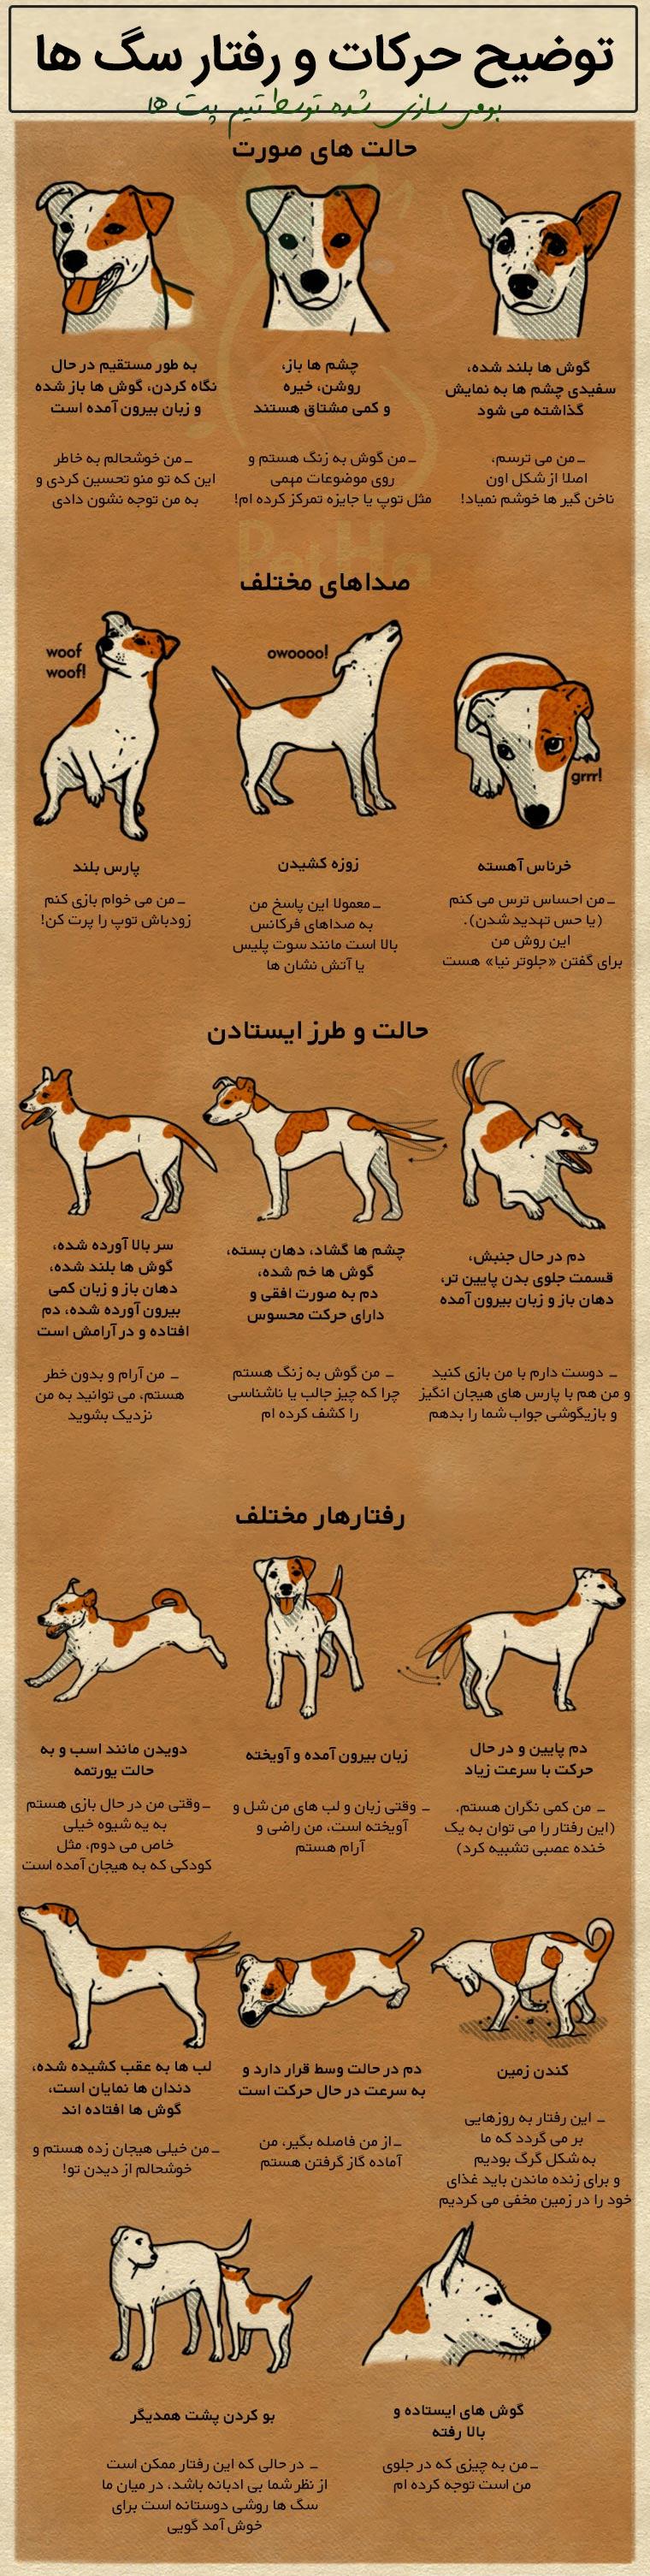 اینفوگرافیک توجیه رفتار سگ ها